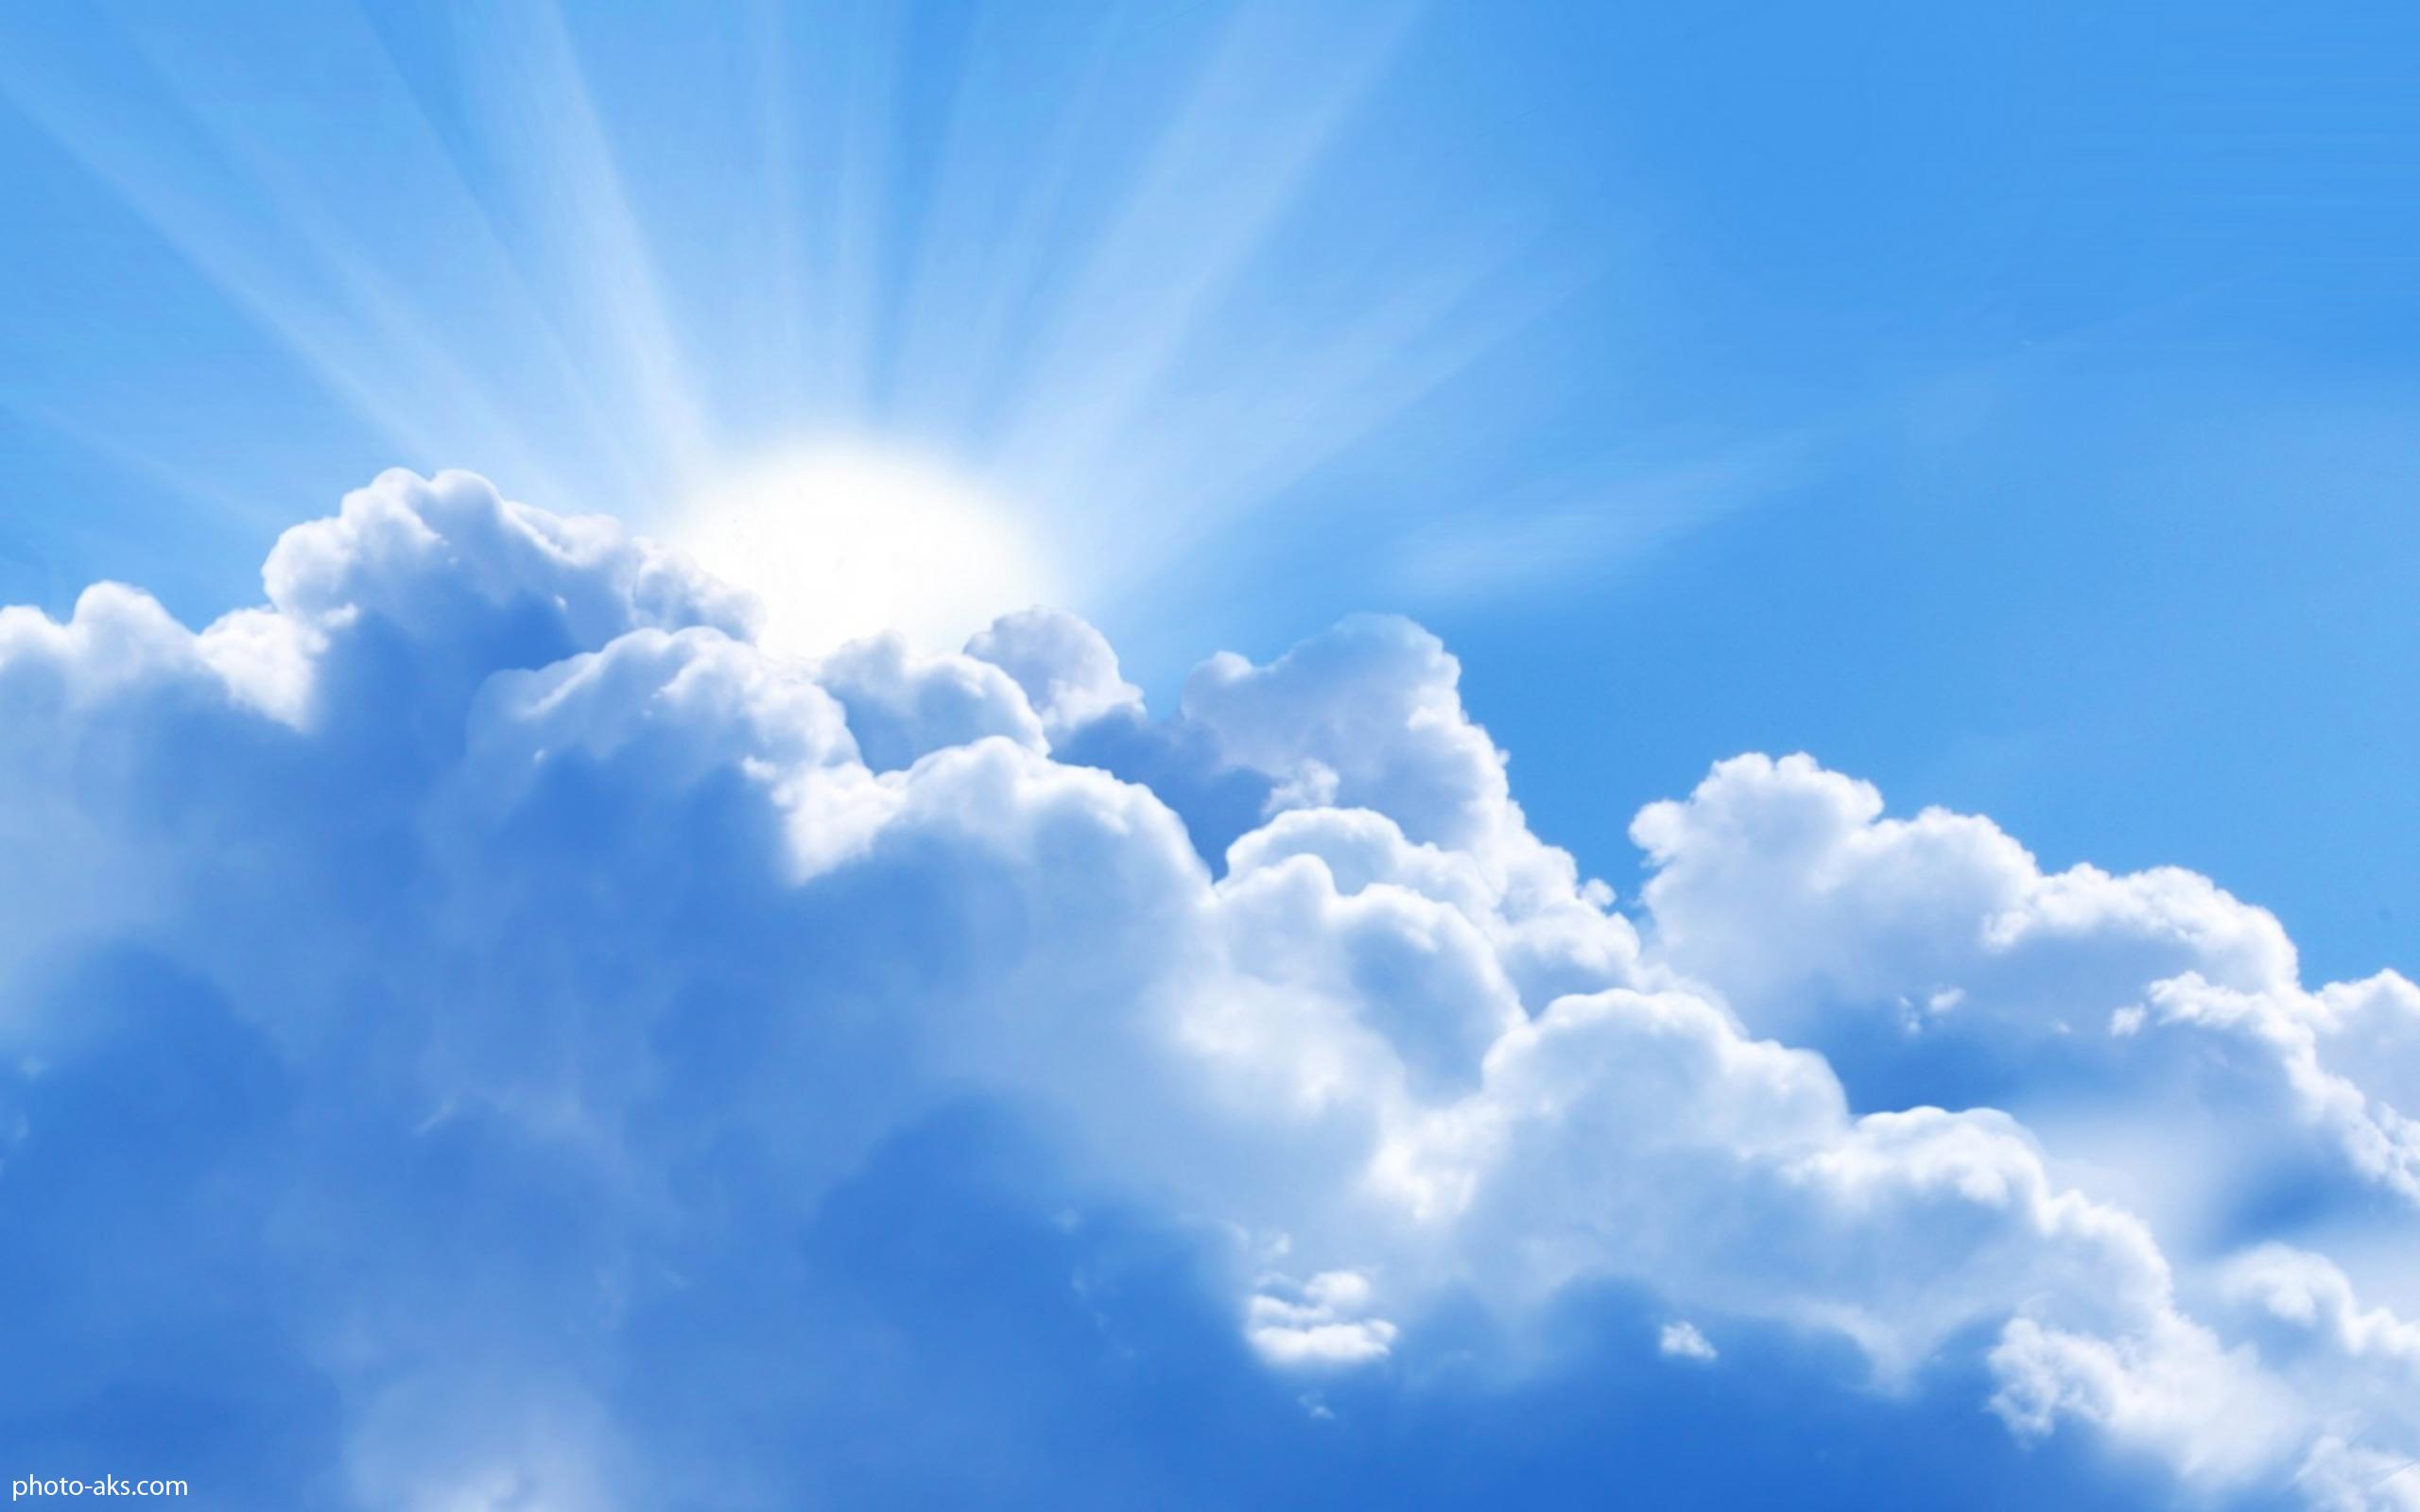 بارورسازی ابرها نمیتواند خشکسالی را جبران کند